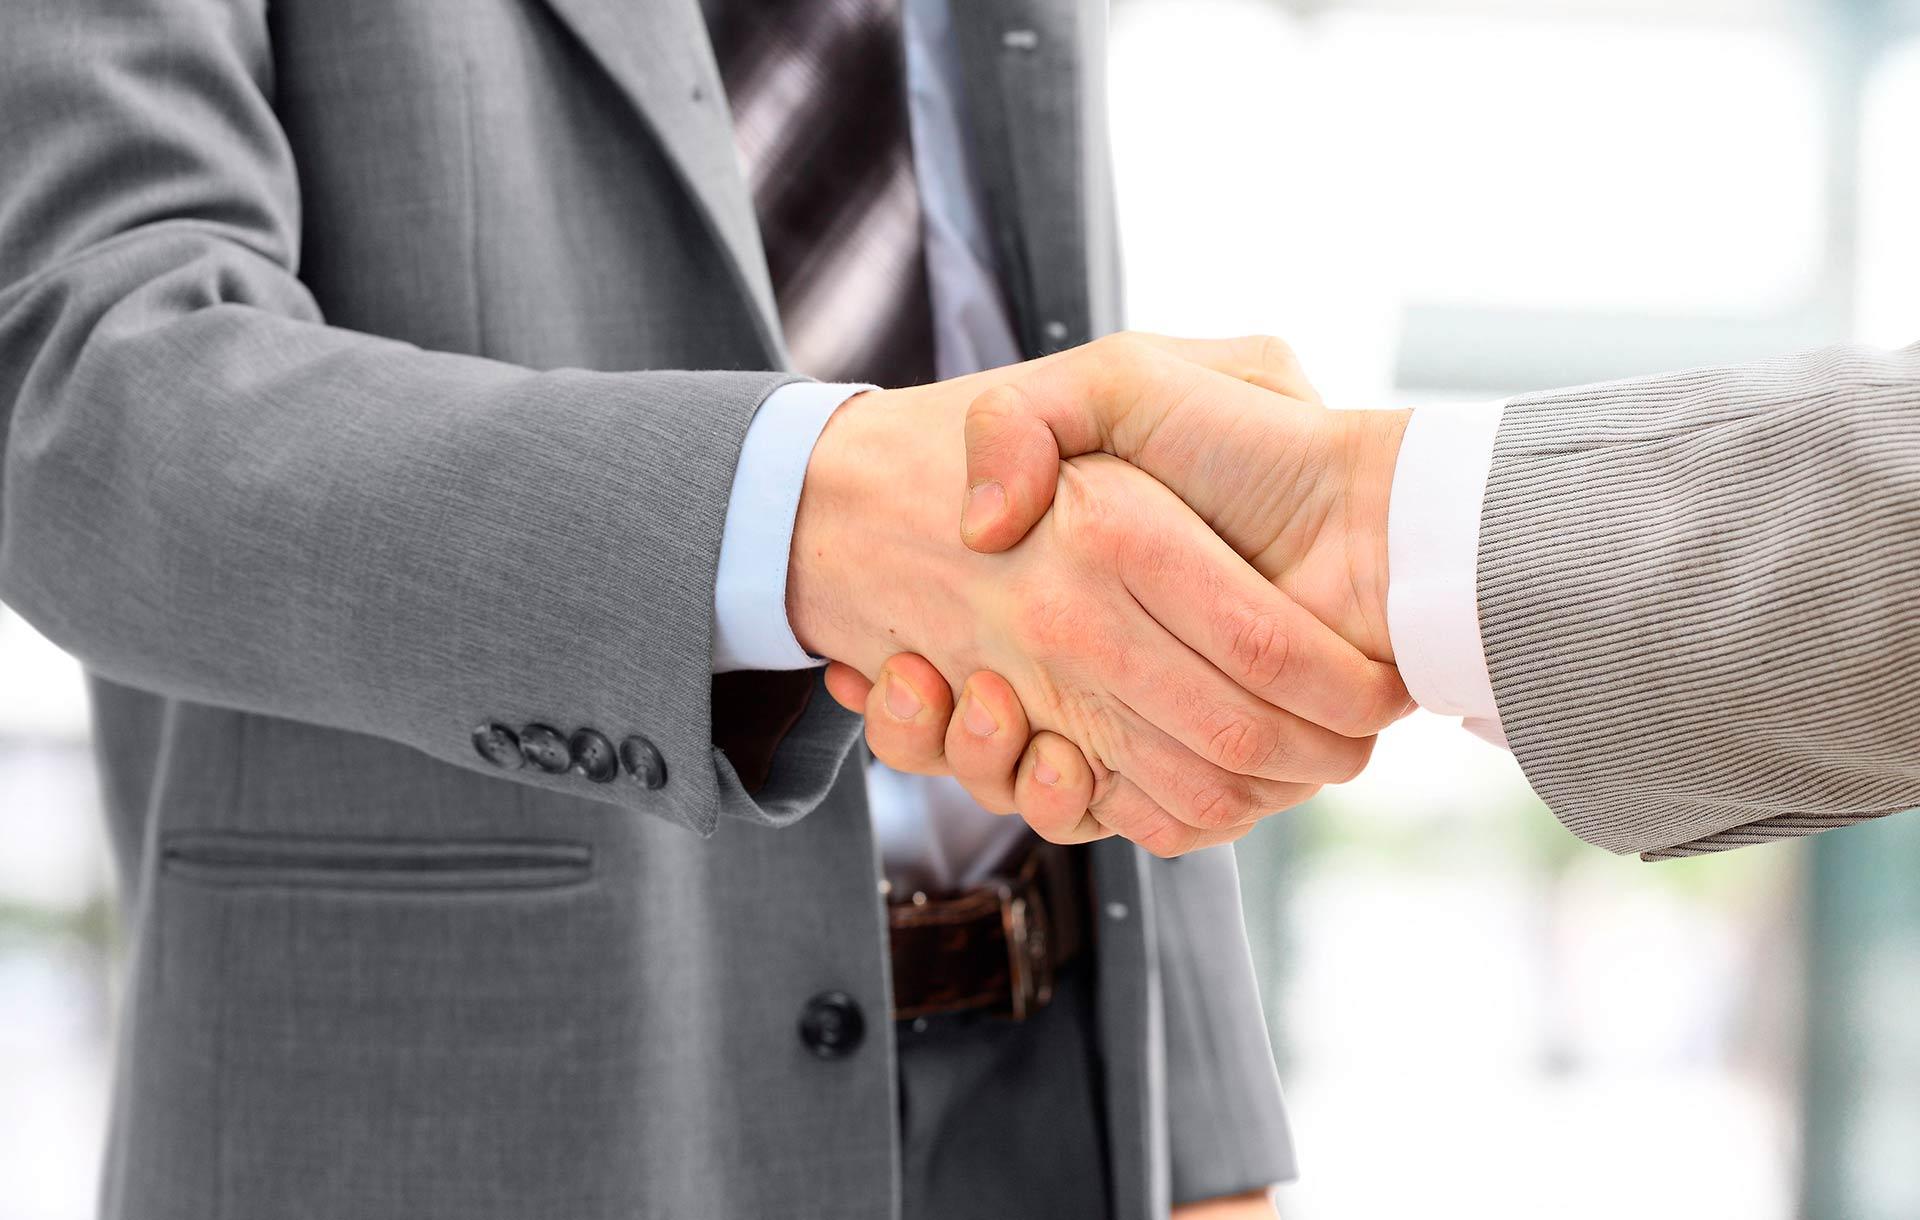 Вебинар: Продажи как продолжение личности эксперта